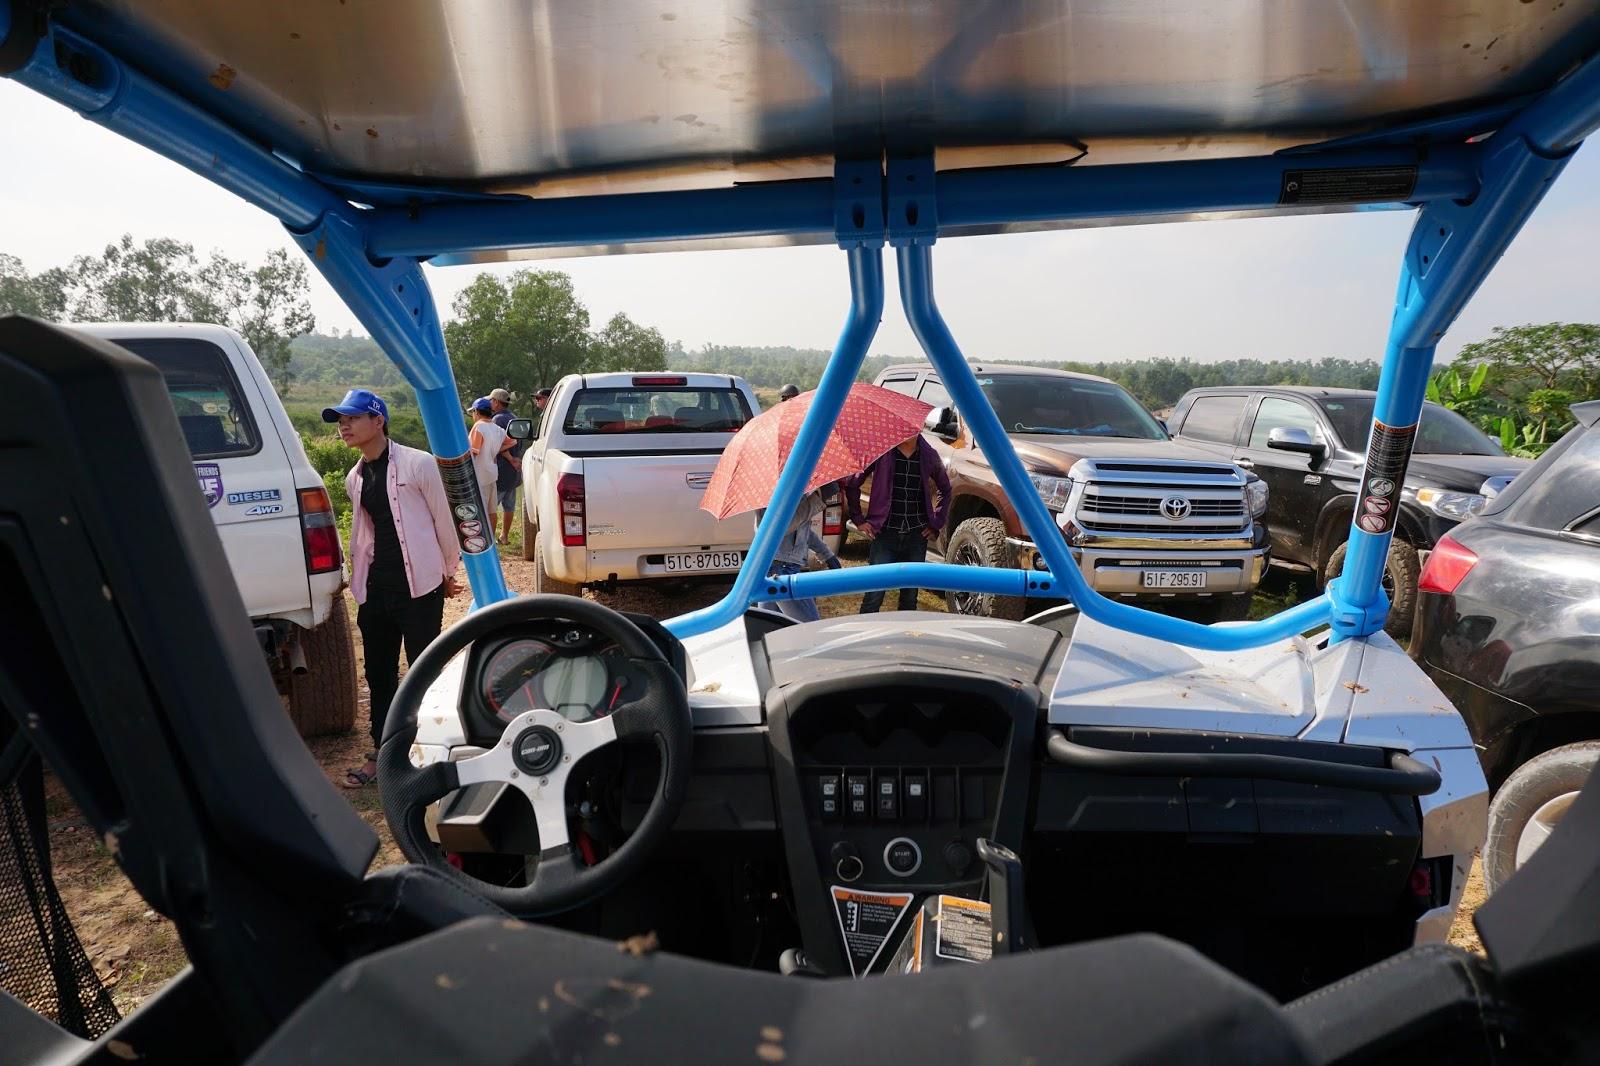 Khoang cabin khá đơn giản và tập trung chủ yếu vào trải nghiệm lái